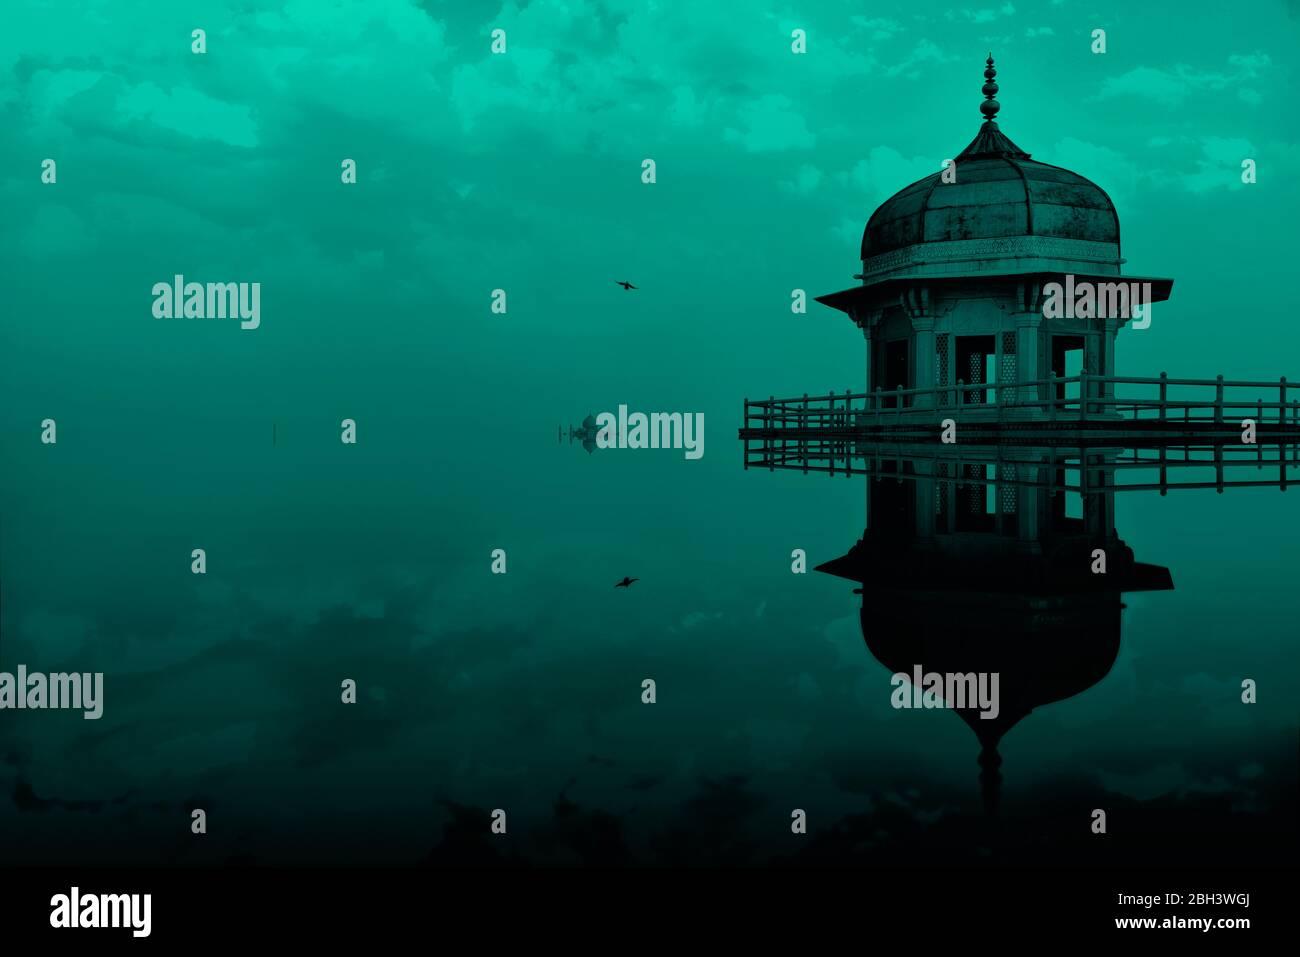 Manipolazione digitale immagine concettuale della torre Jasmine, nel forte di Agra, che appare parzialmente sommersa in acqua con un bel cielo di sera. Foto Stock